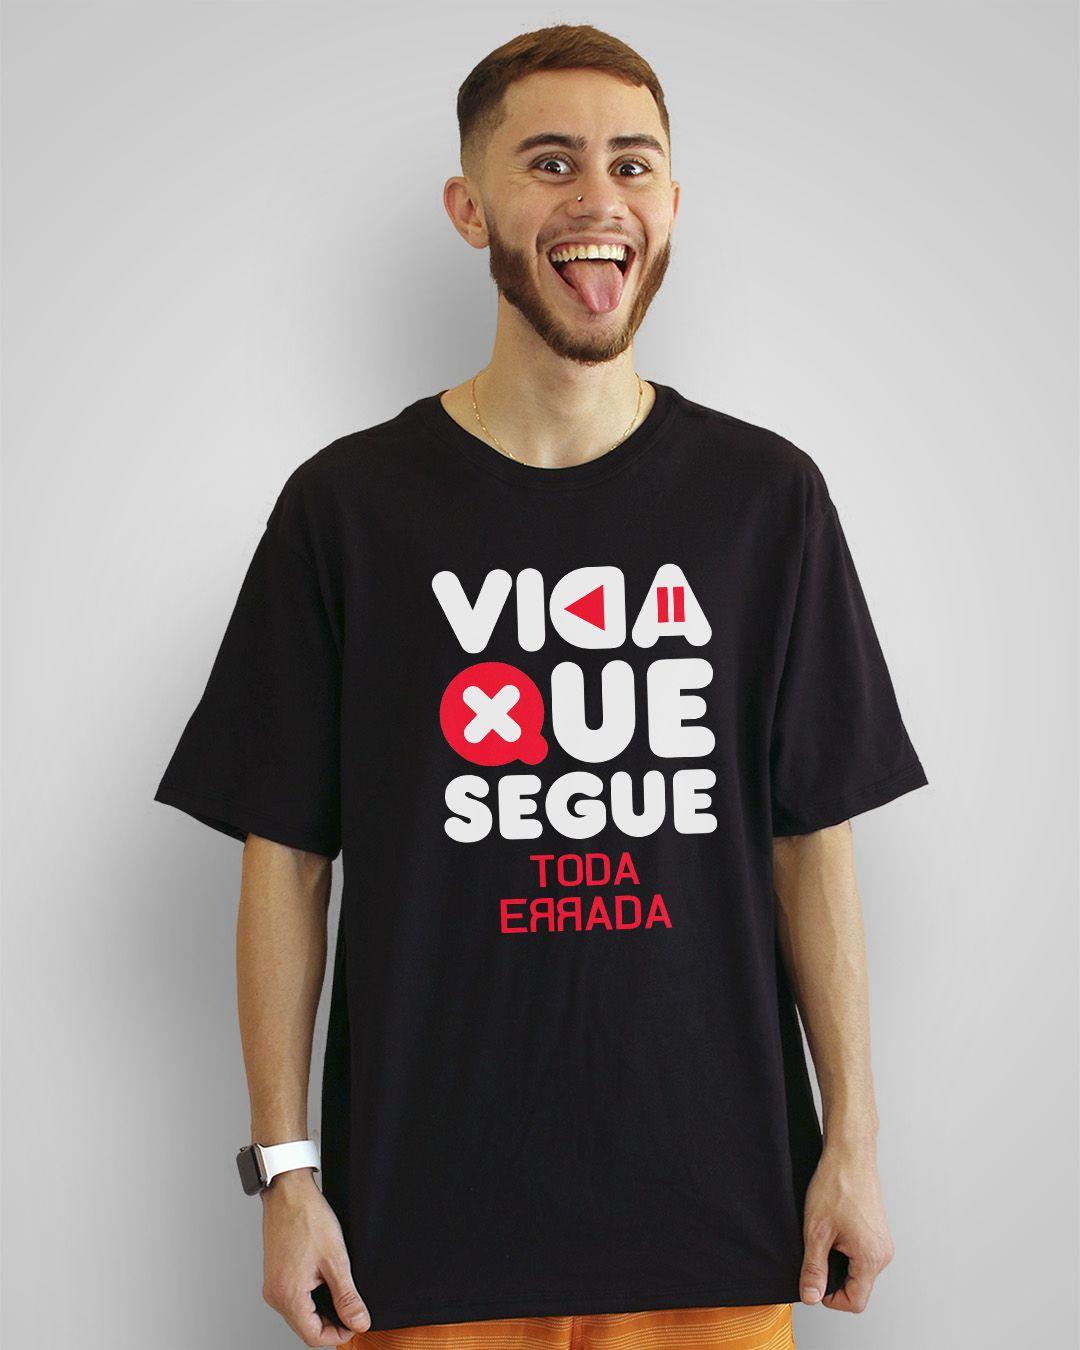 Camiseta Vida que segue, toda errada!